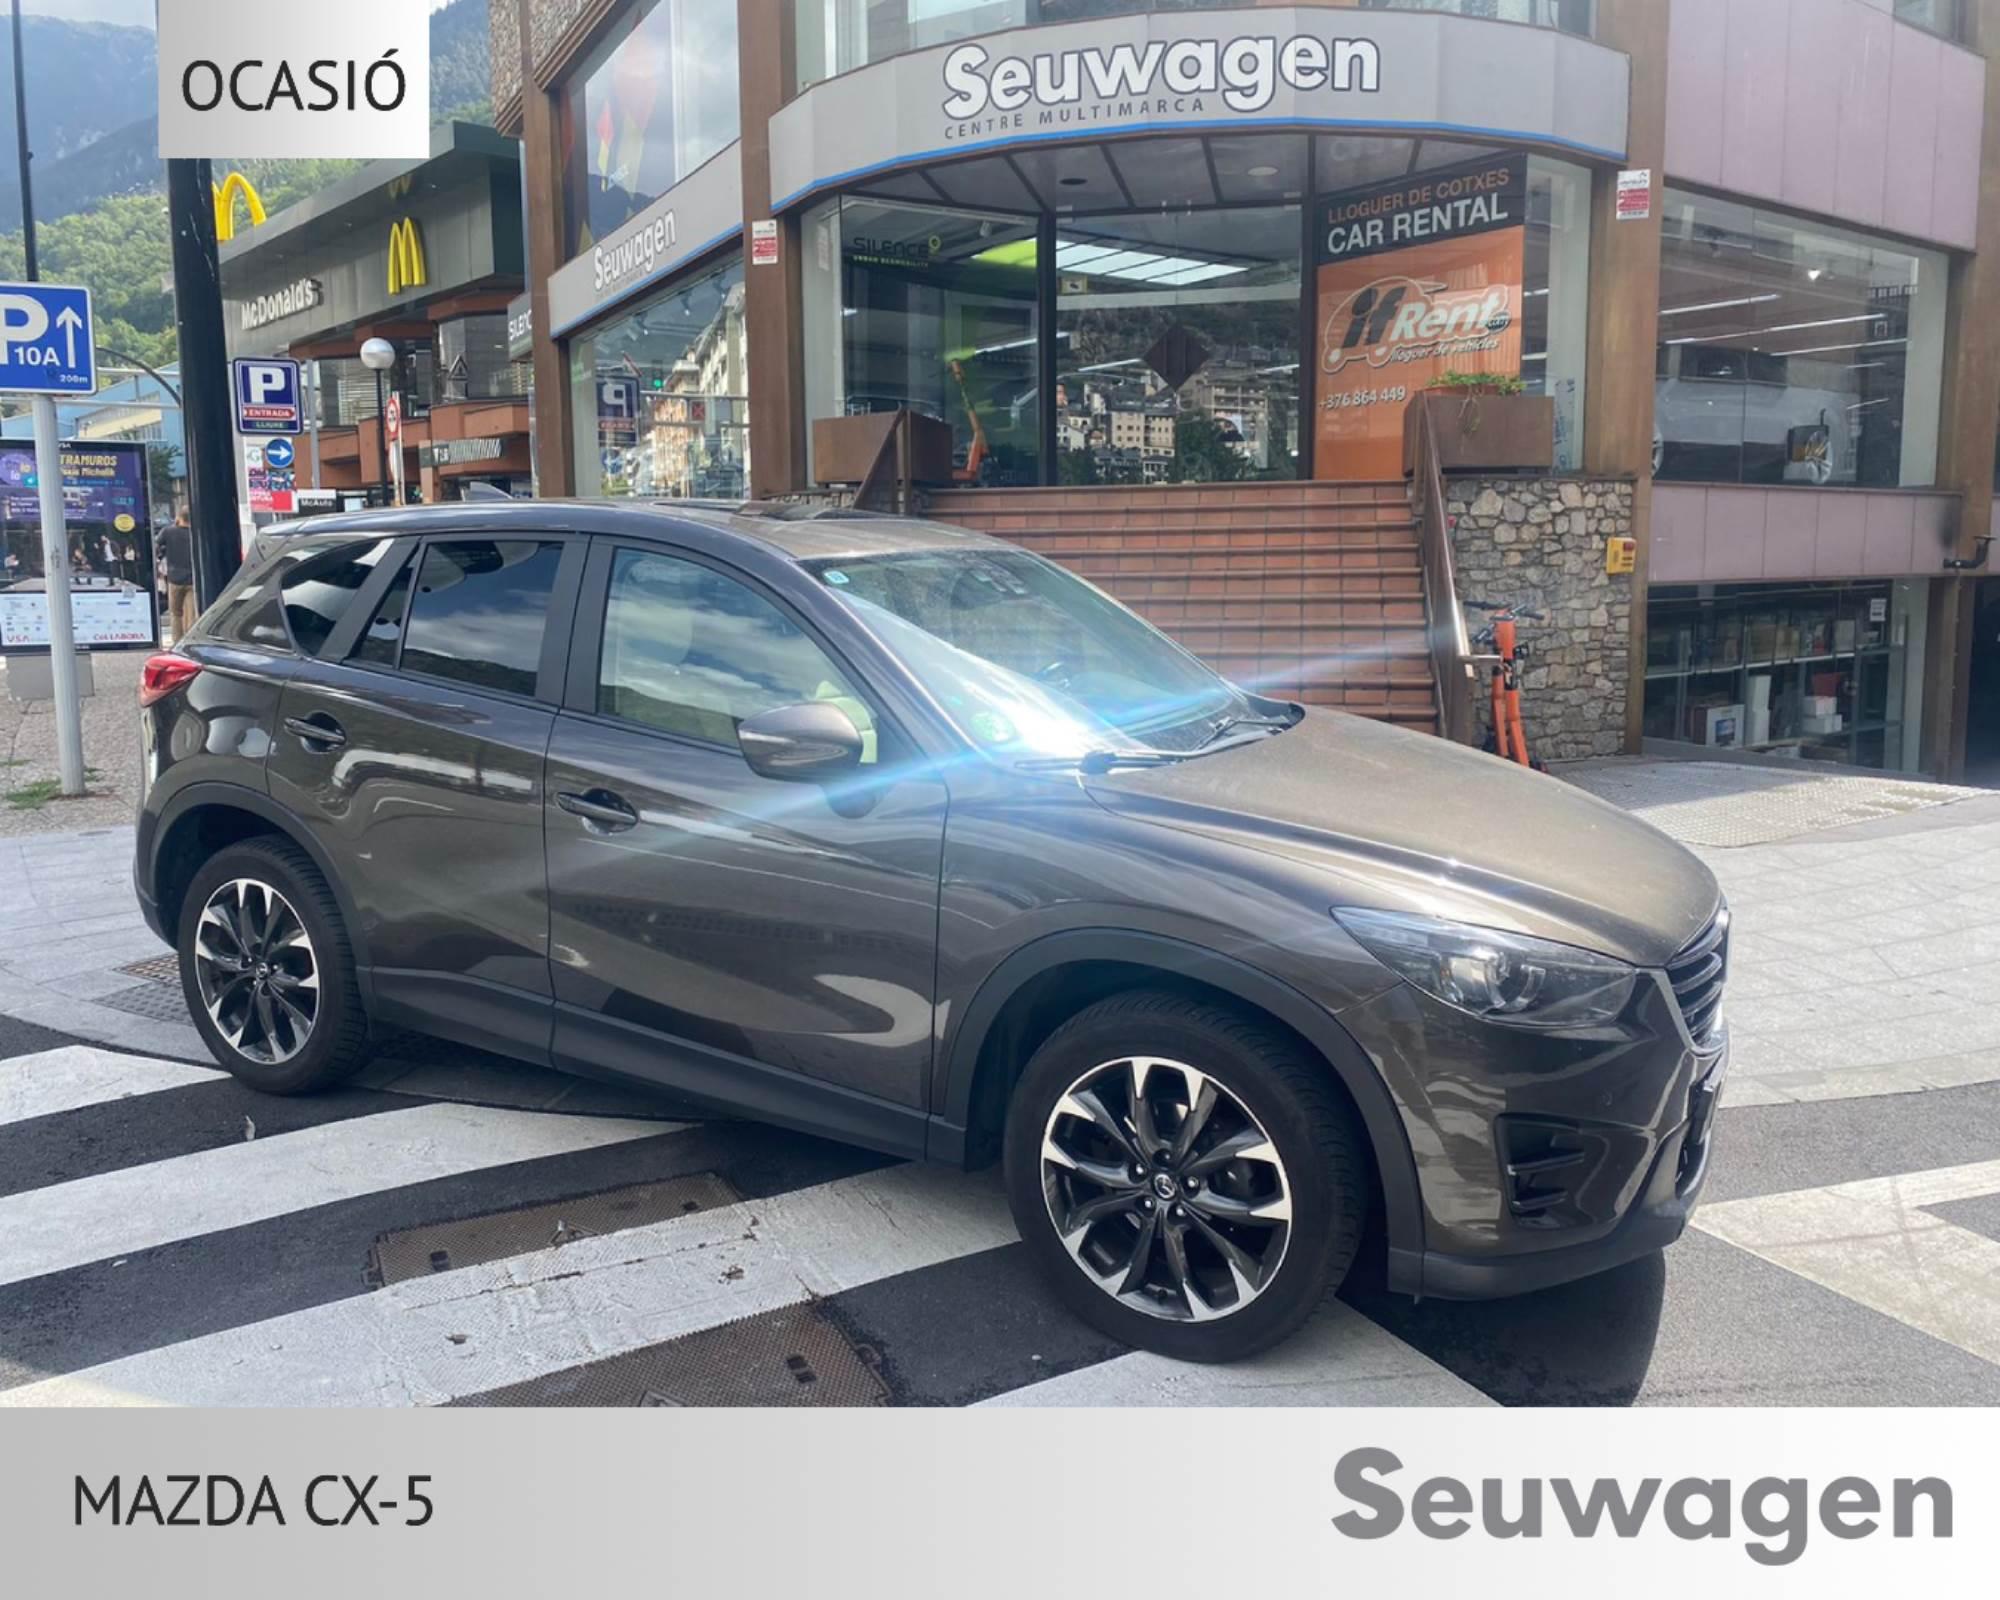 Mazda - CX-5 - 2.2D AWD 2.2D AWD Dièsel  2015  141.000 Km